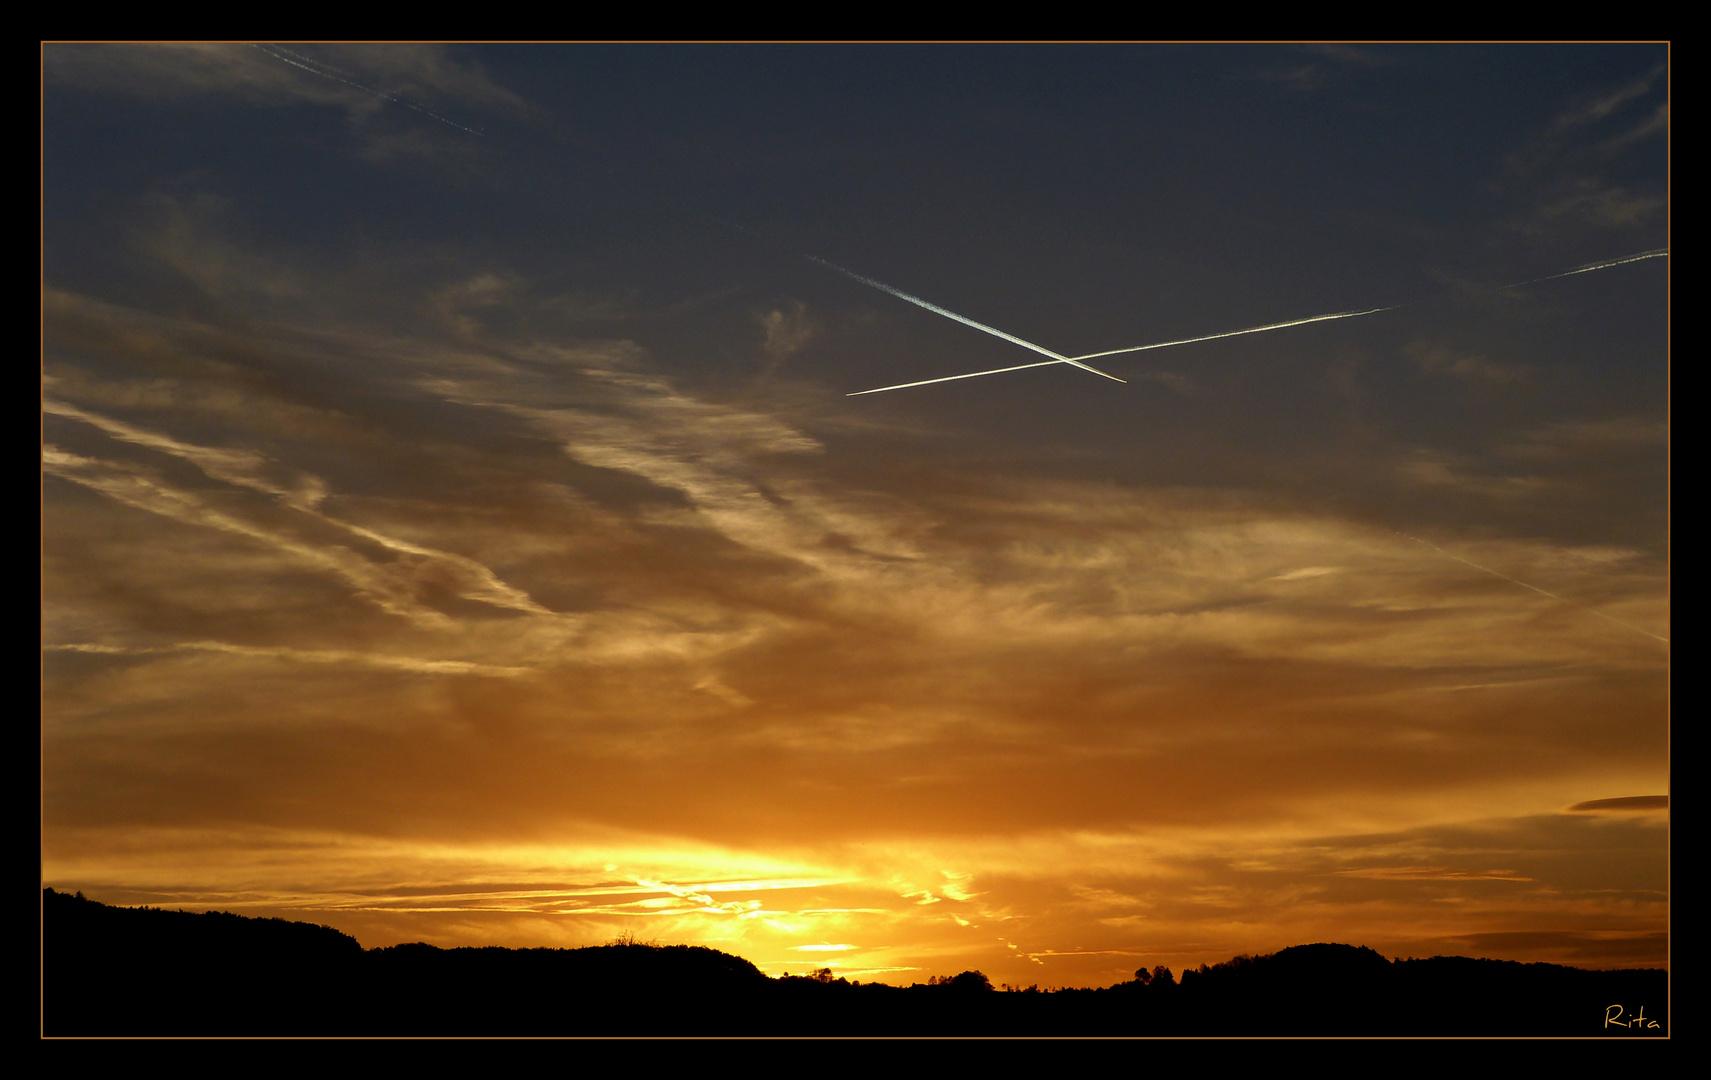 ich liebe Sonnenuntergänge...:-)